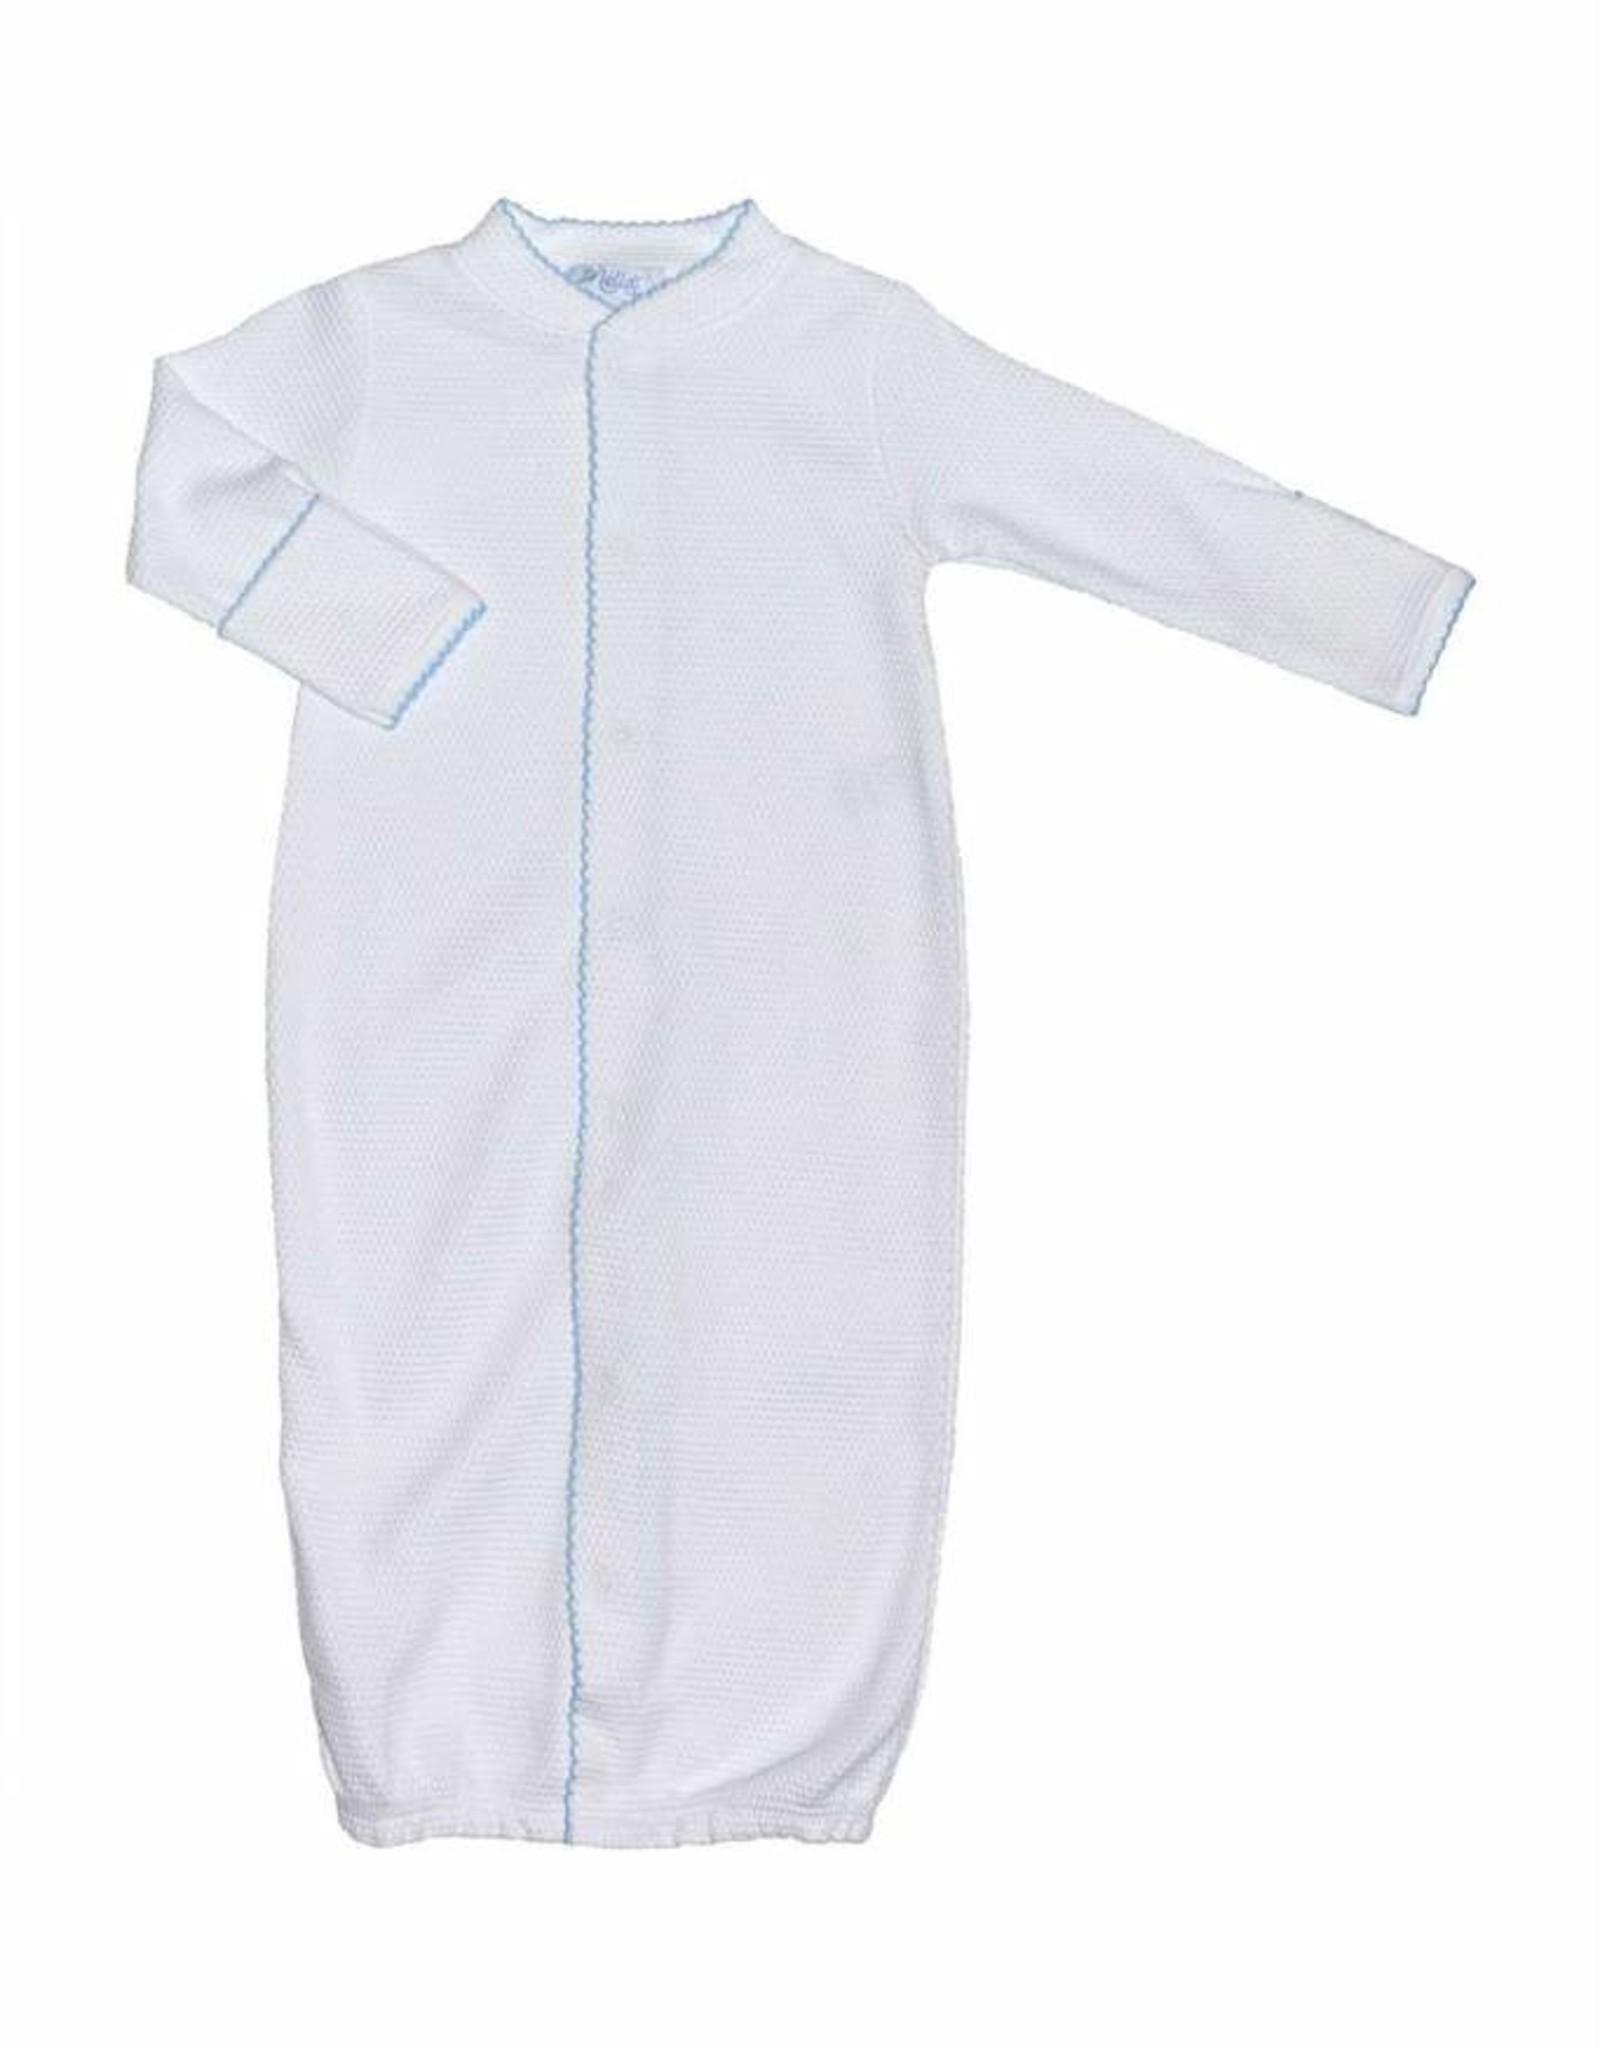 Nella White Converter Gown With Blue Picot Trim